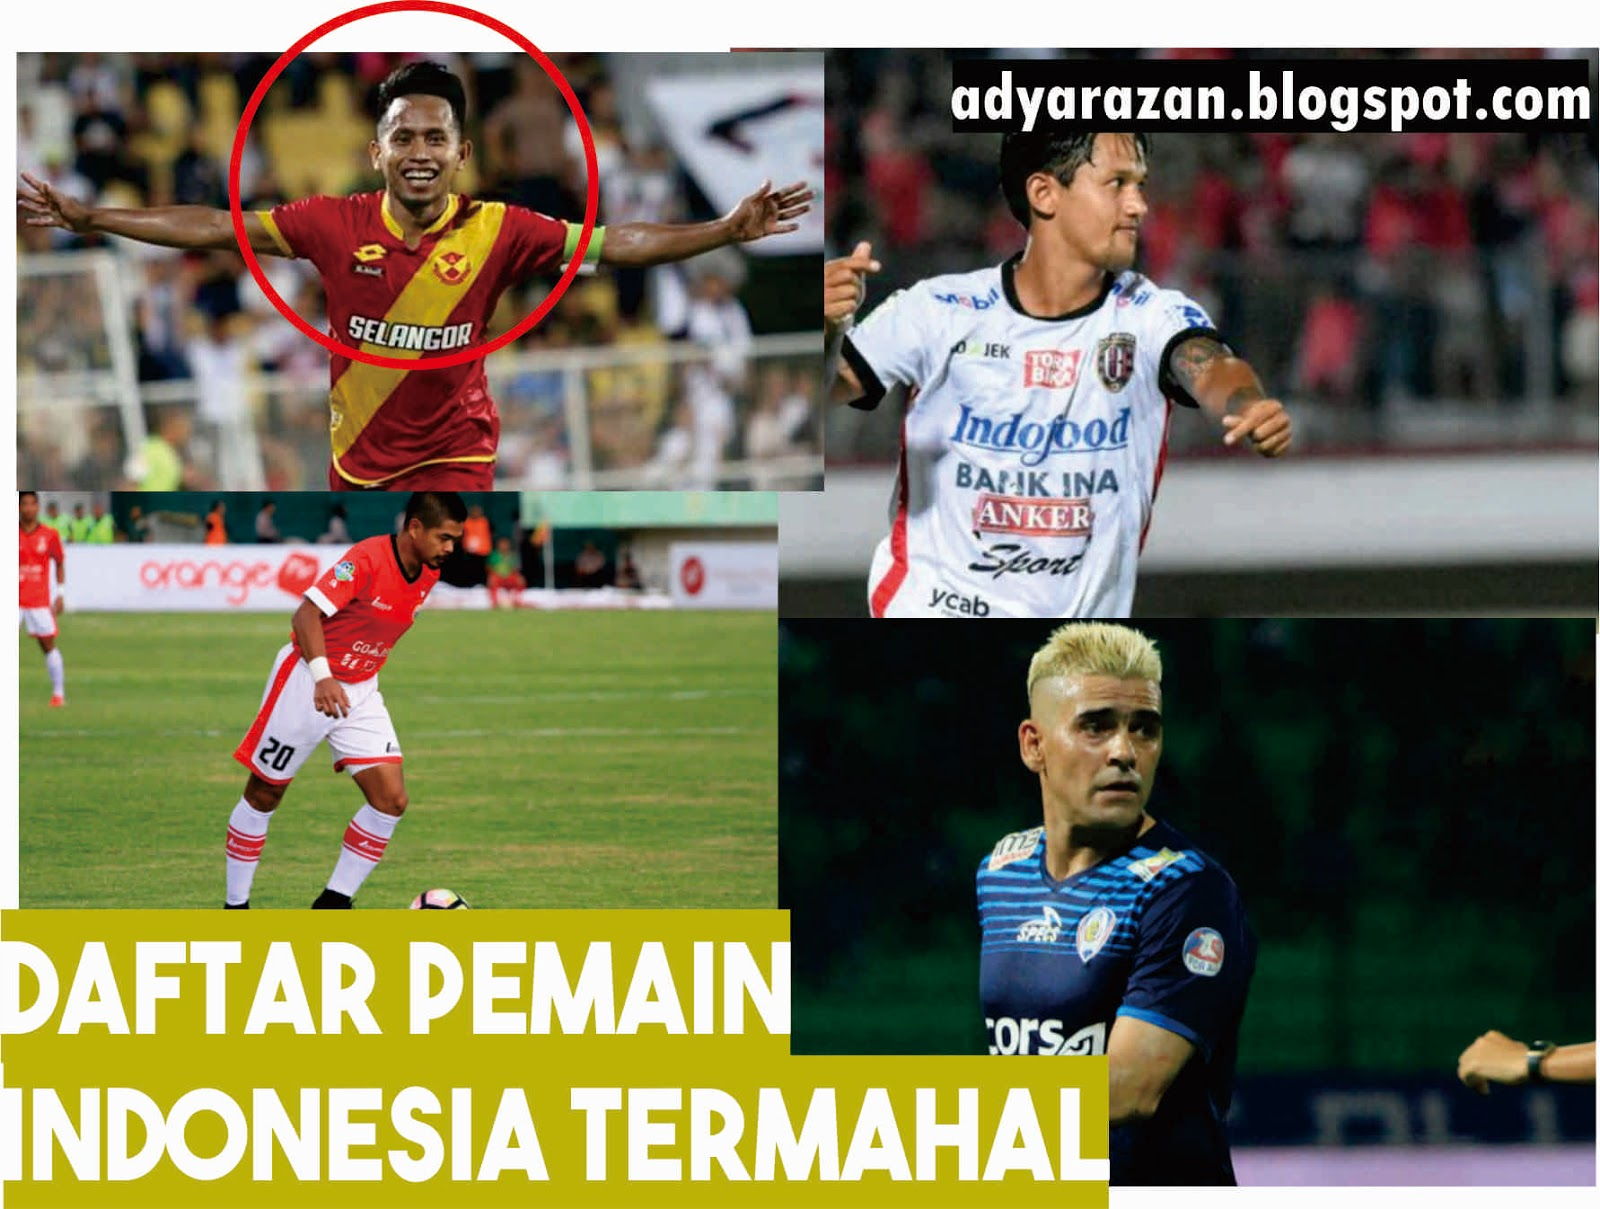 7 Daftar Pemain Sepak Bola Indonesia Termahal Sepanjang Masa